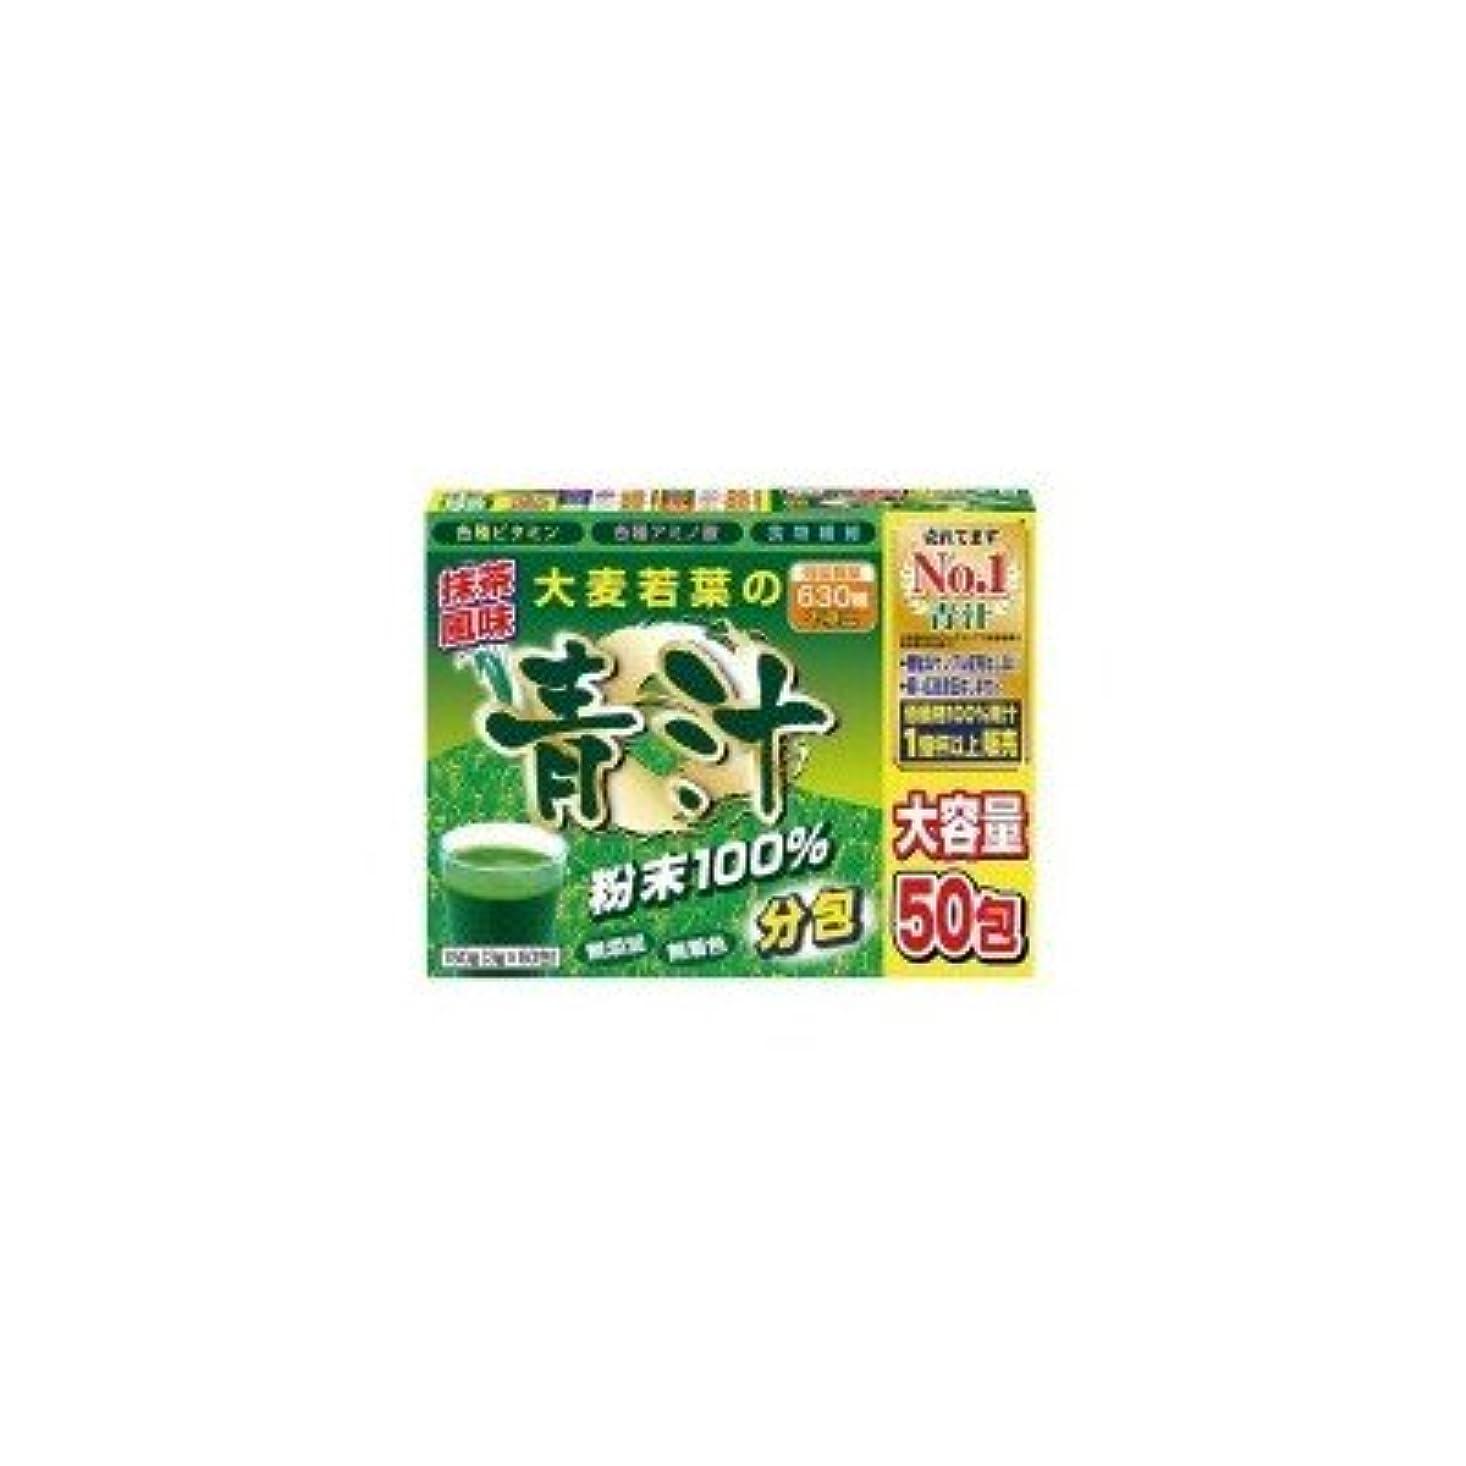 薬局ネックレット関係大麦若葉の青汁100% 150g(3g×50包) 2260